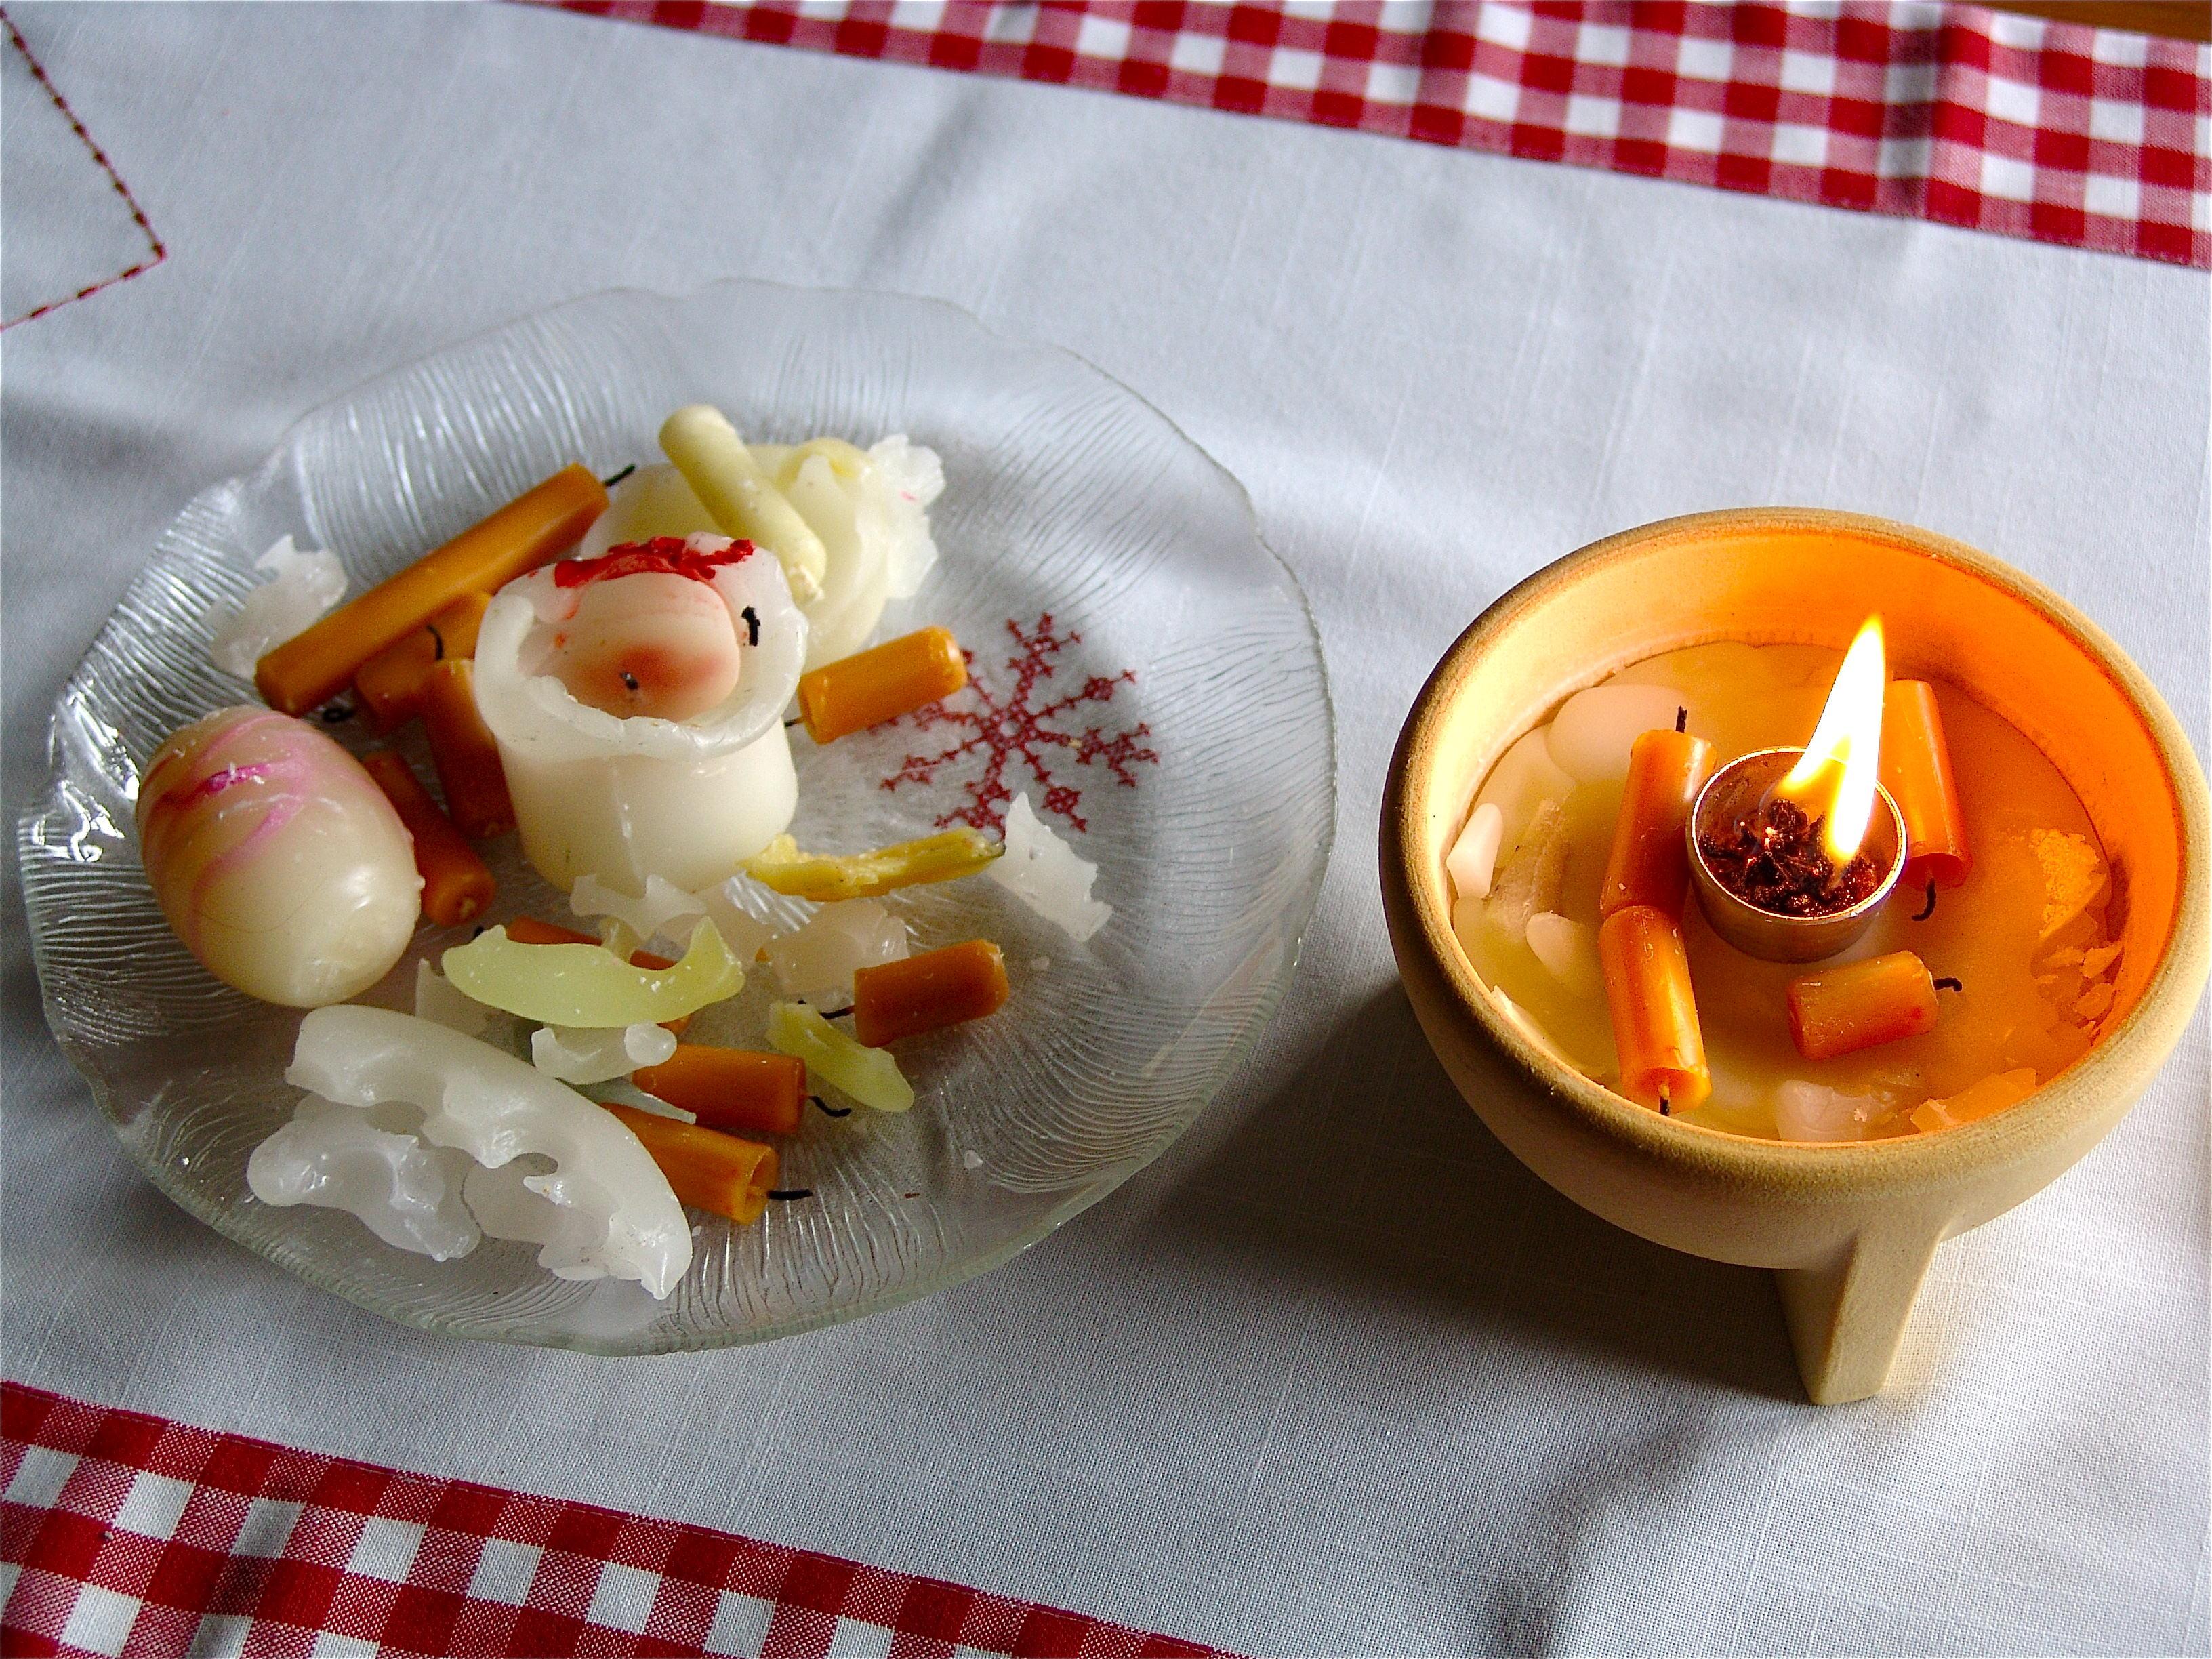 Famous Kerzenreste verwerten: Was ist ein Schmelzfeuer? » FRAGDENSTEIN.DE RN44